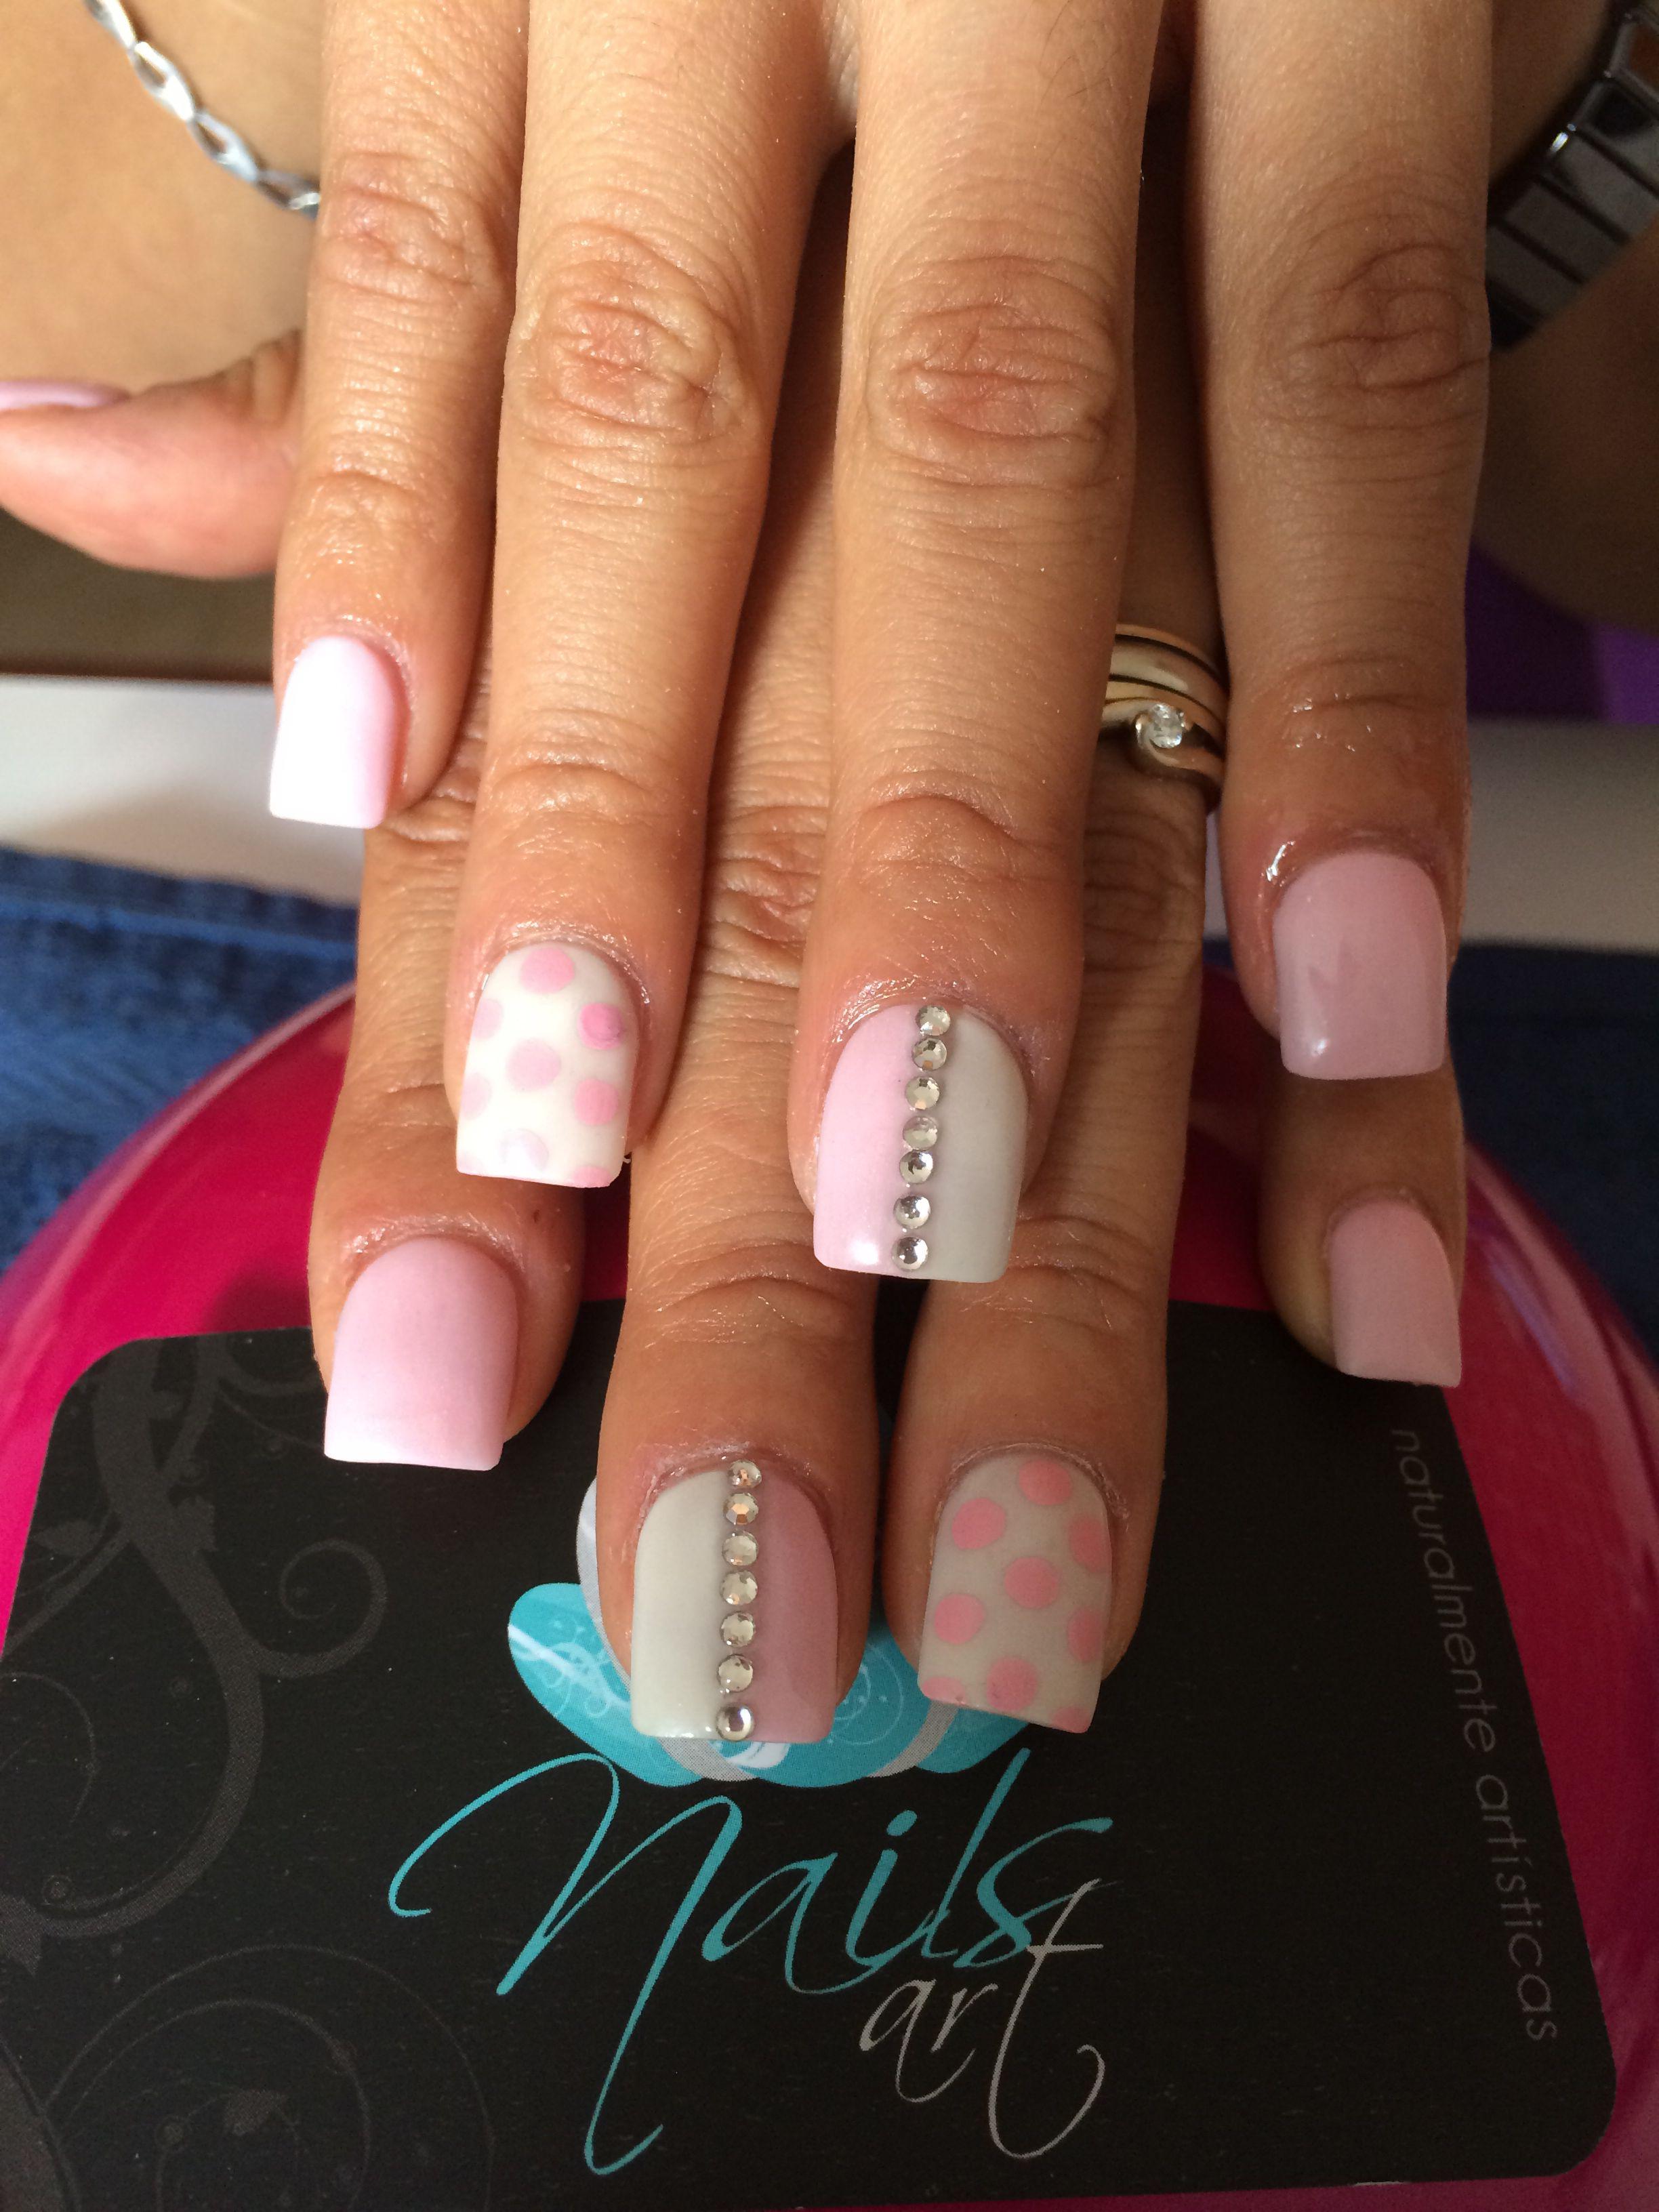 Nails art acrylic nails nails cutenaildesigns